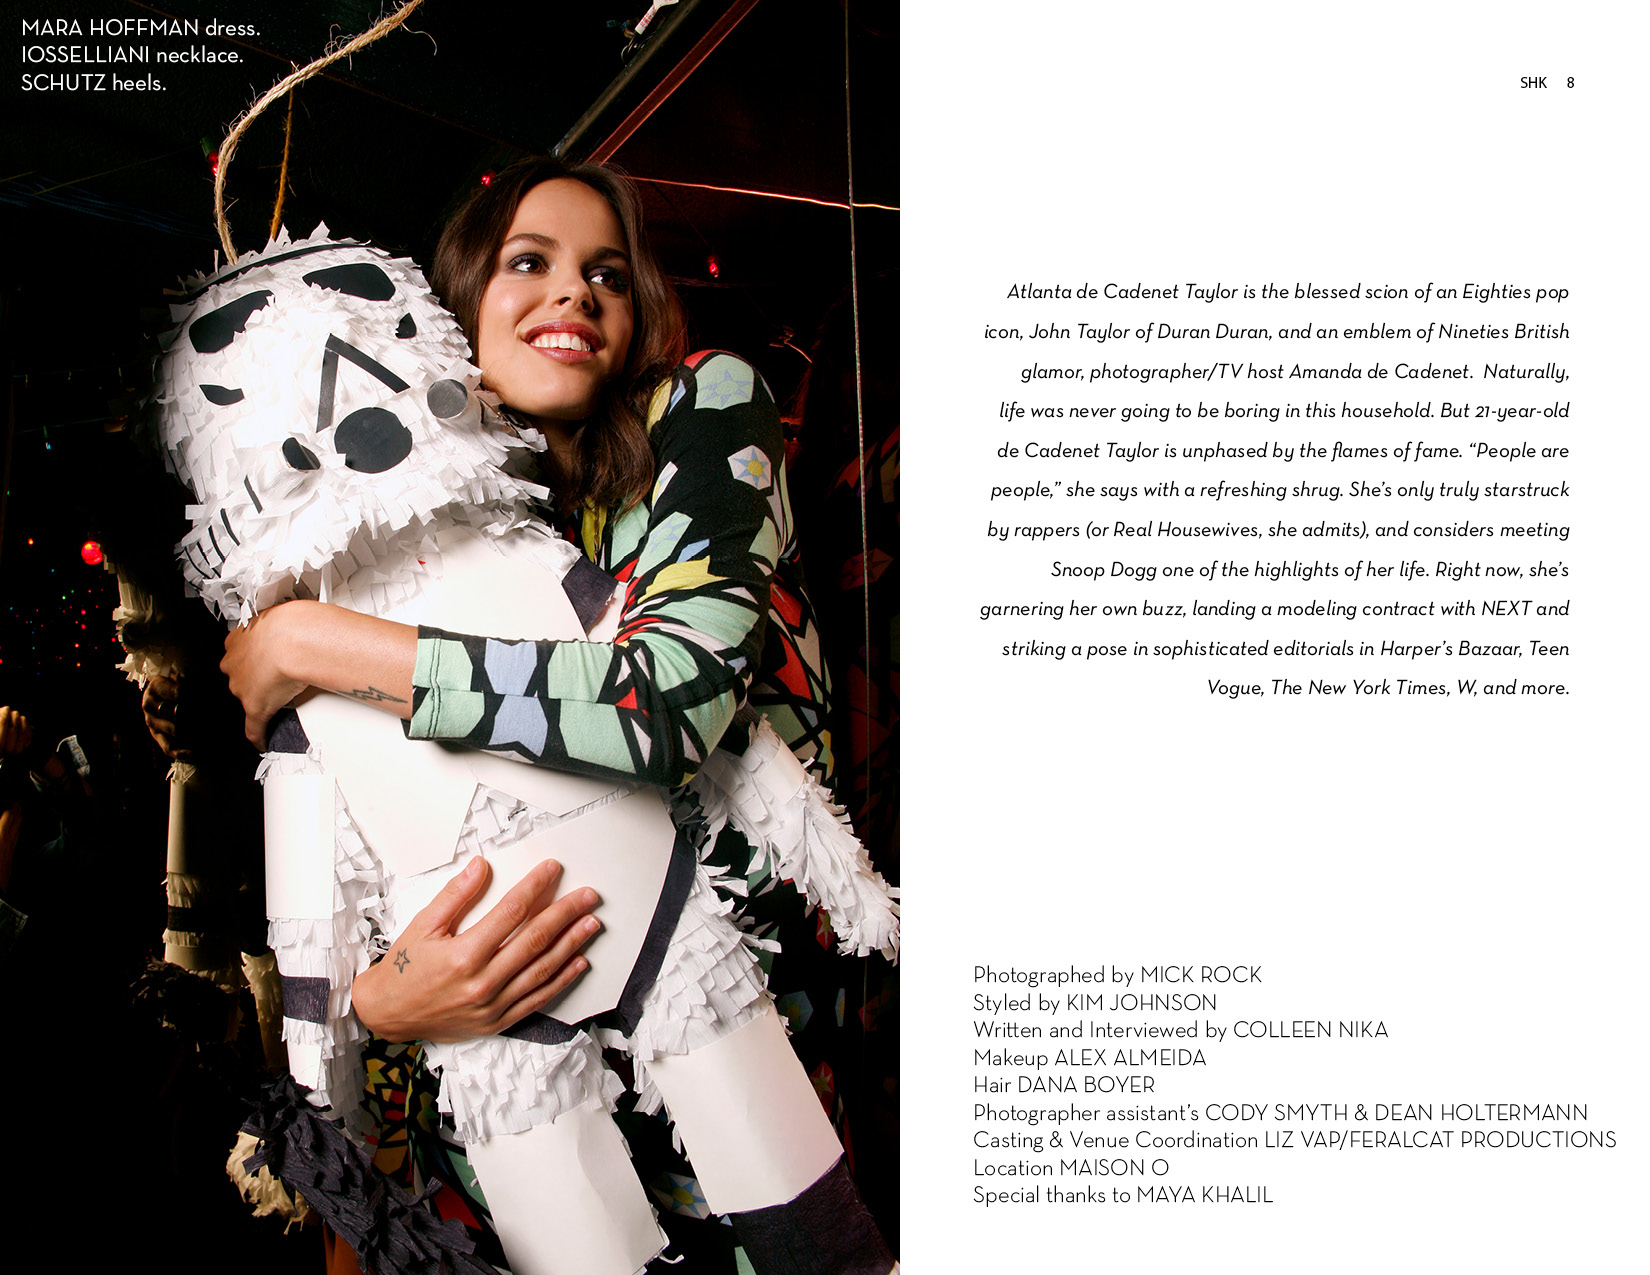 SHK-Summer-Issue-Summer-Needs-No-Explaination-20138.jpg